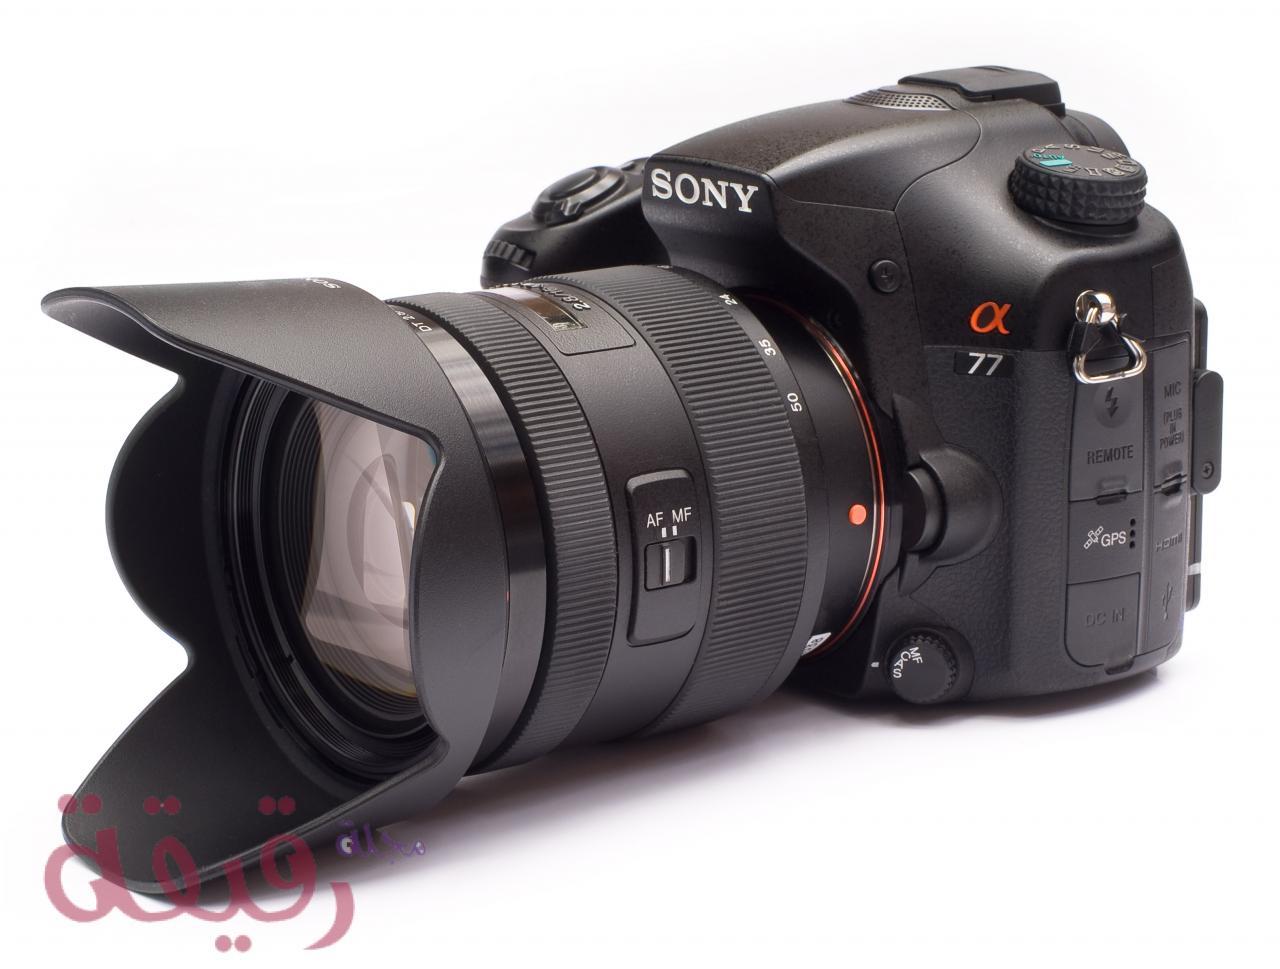 صور افضل كاميرات الفيديو , تعرف على الكاميرات للفيديو